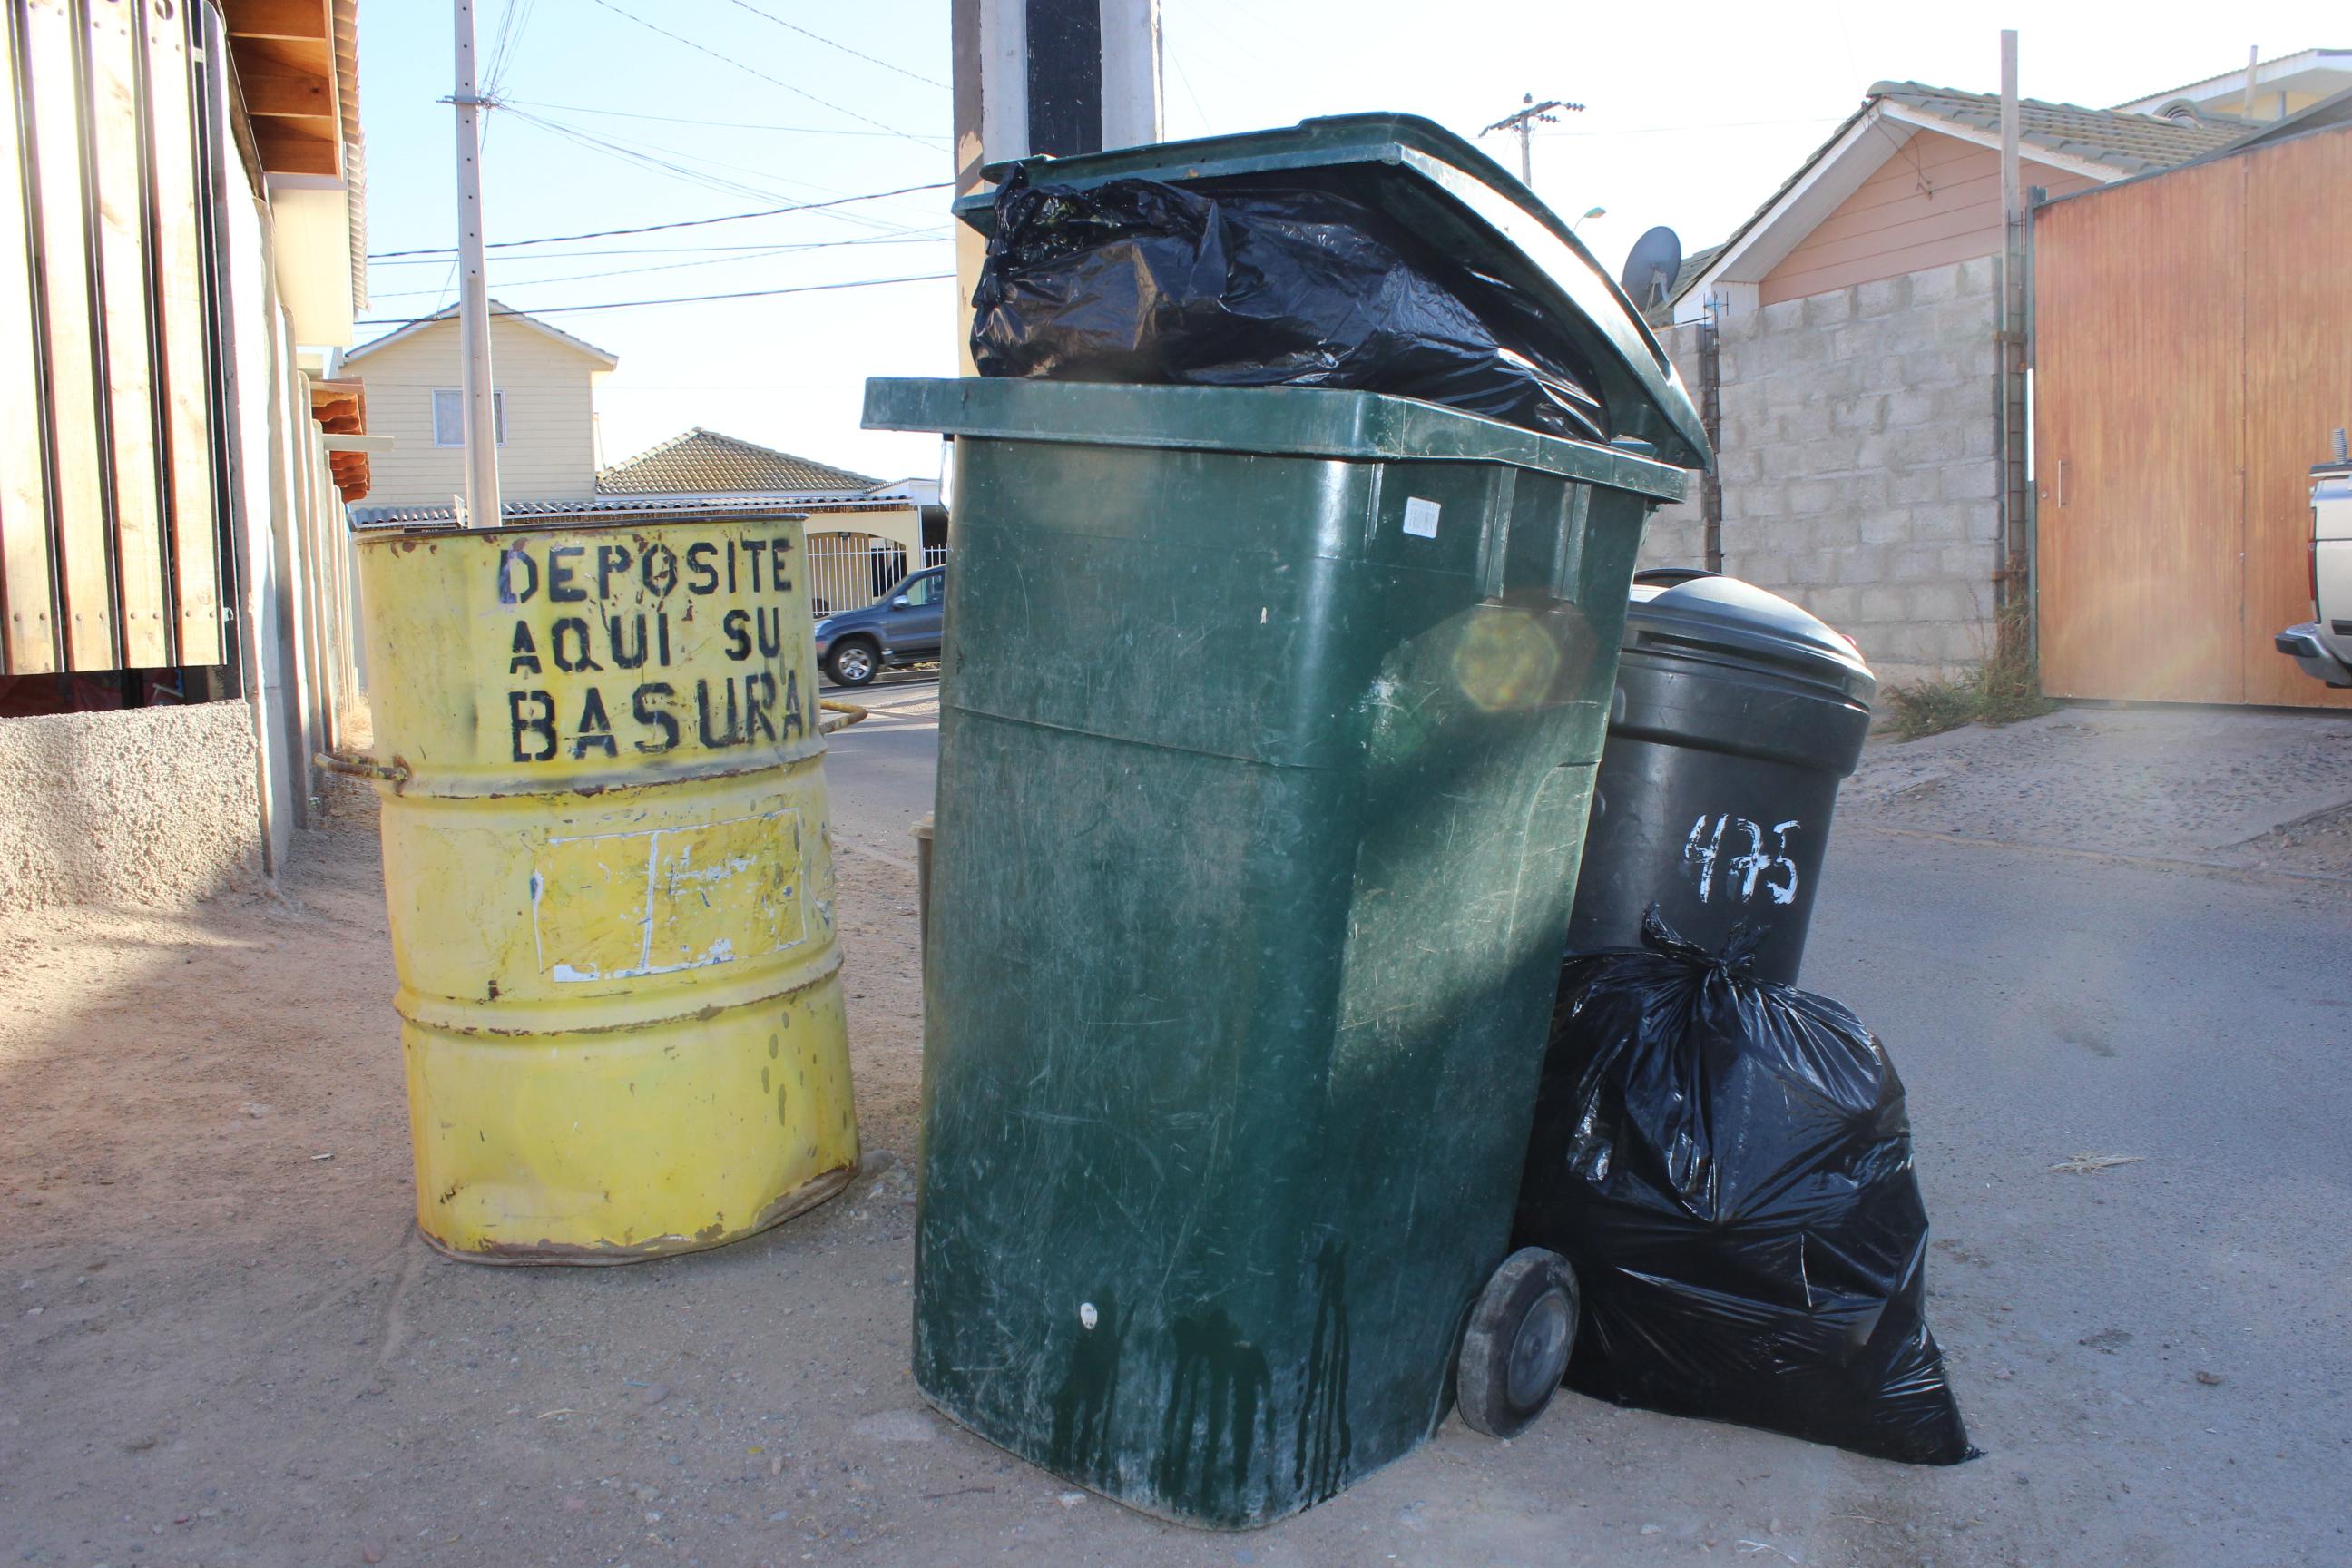 Sigue sin solución conflicto de la basura en Vallenar